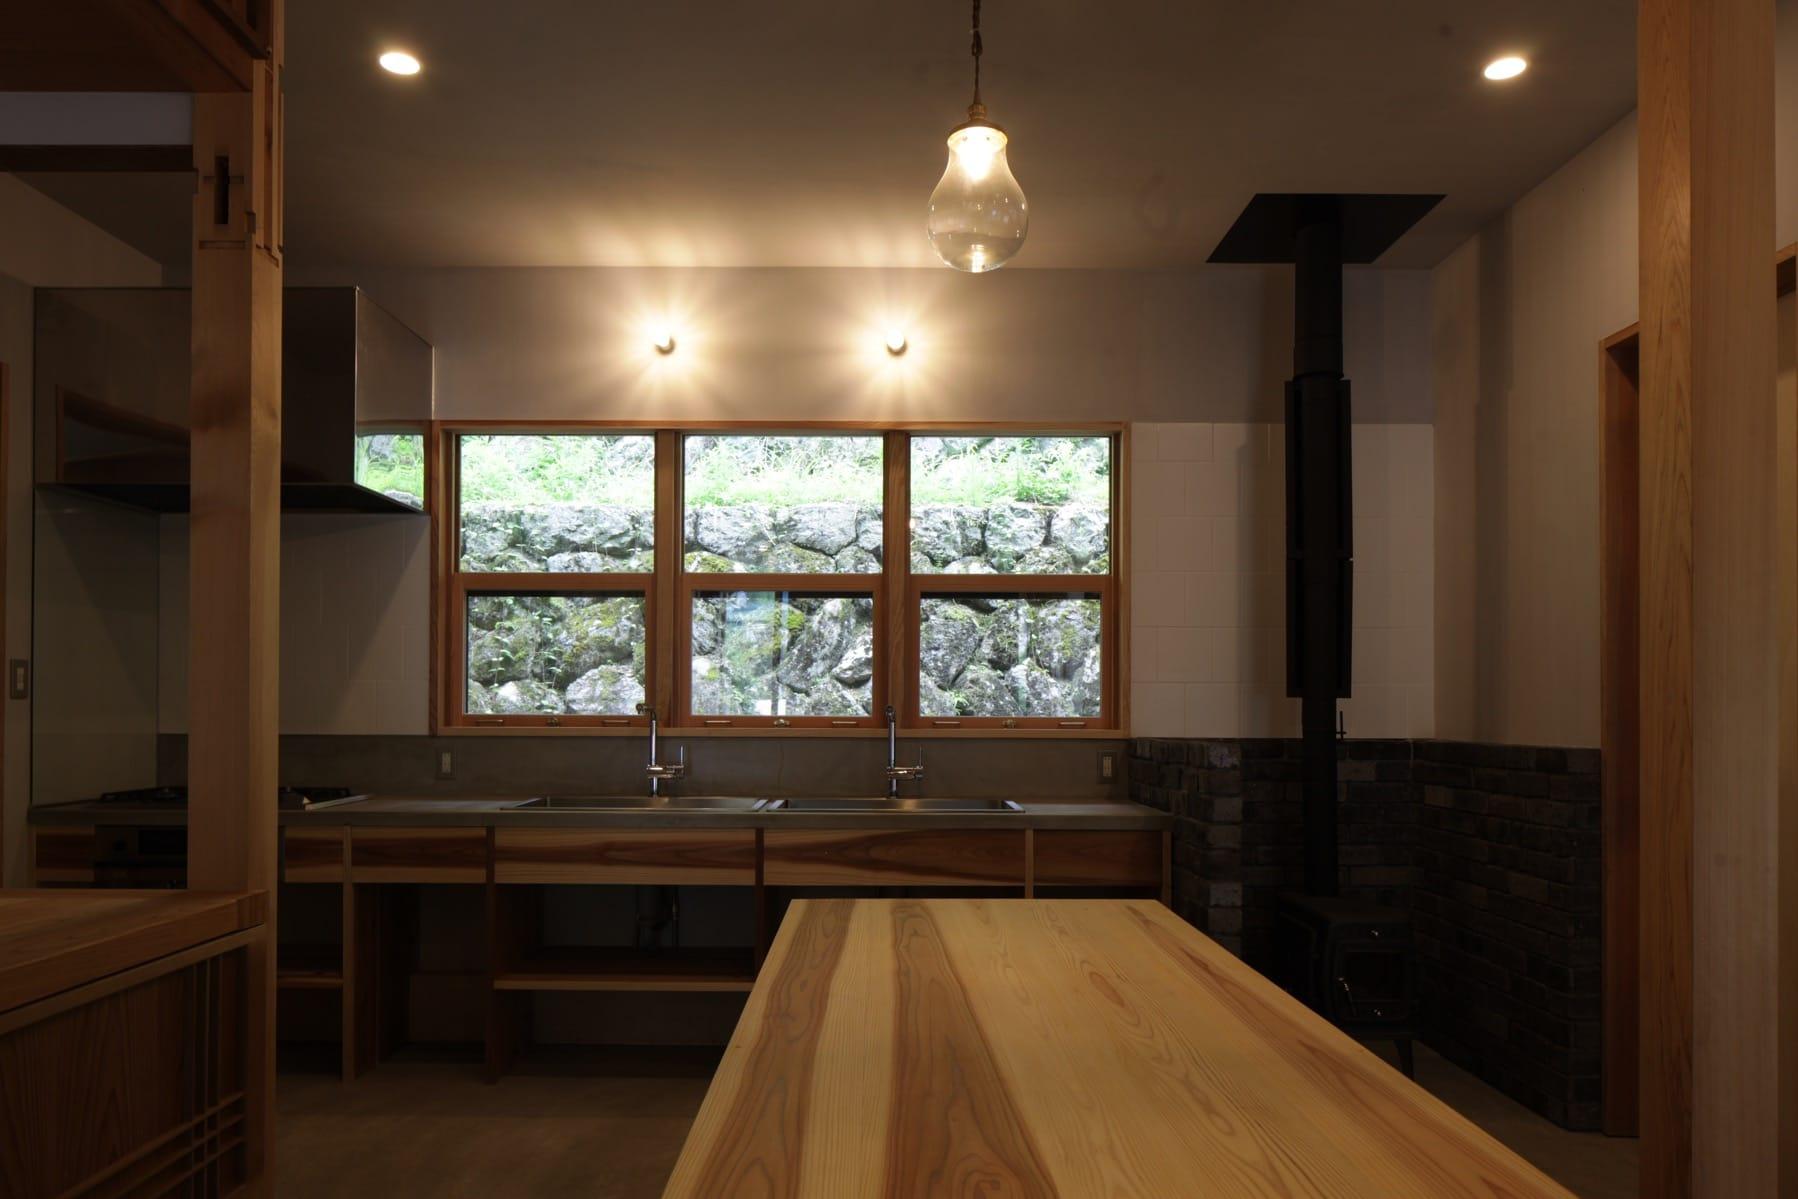 鬼籠野にあるすみはじめ住宅「西分の家」。「窓から石垣が見えるところがお気に入り」と高田さん。